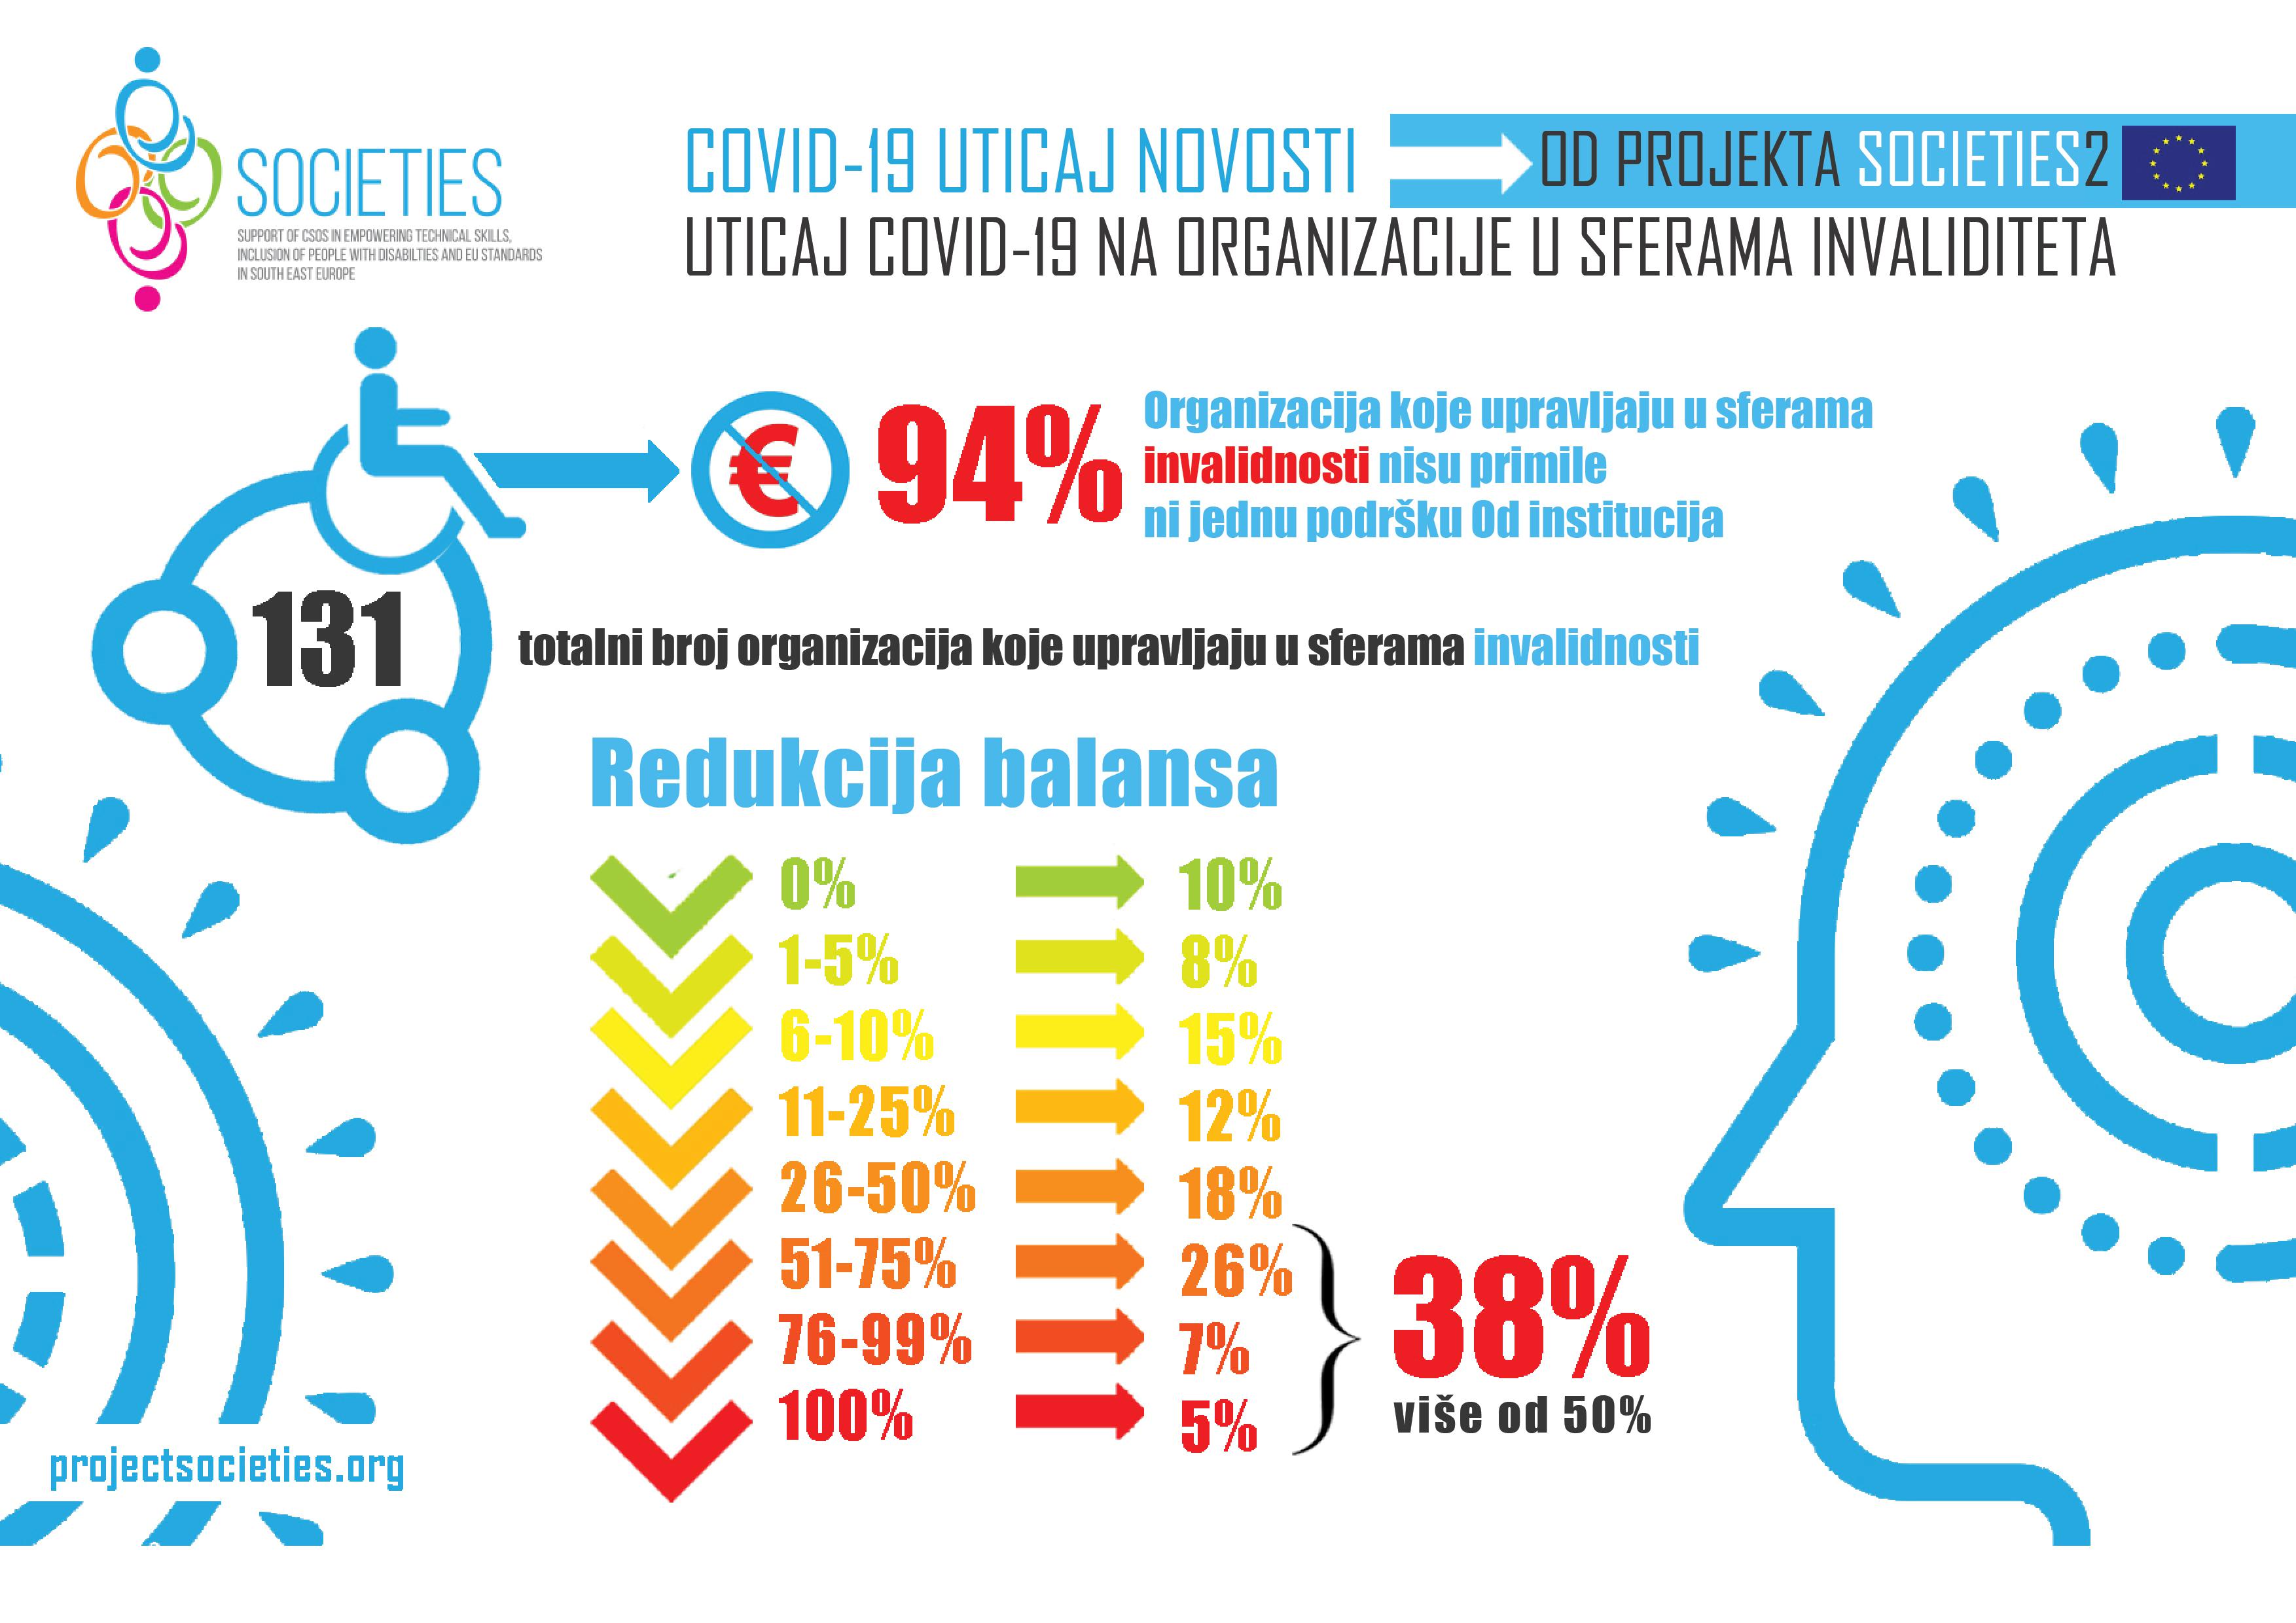 Istraživanje vezano za uticaj COVID-19 na OCD koji posluju u polju invaliditeta